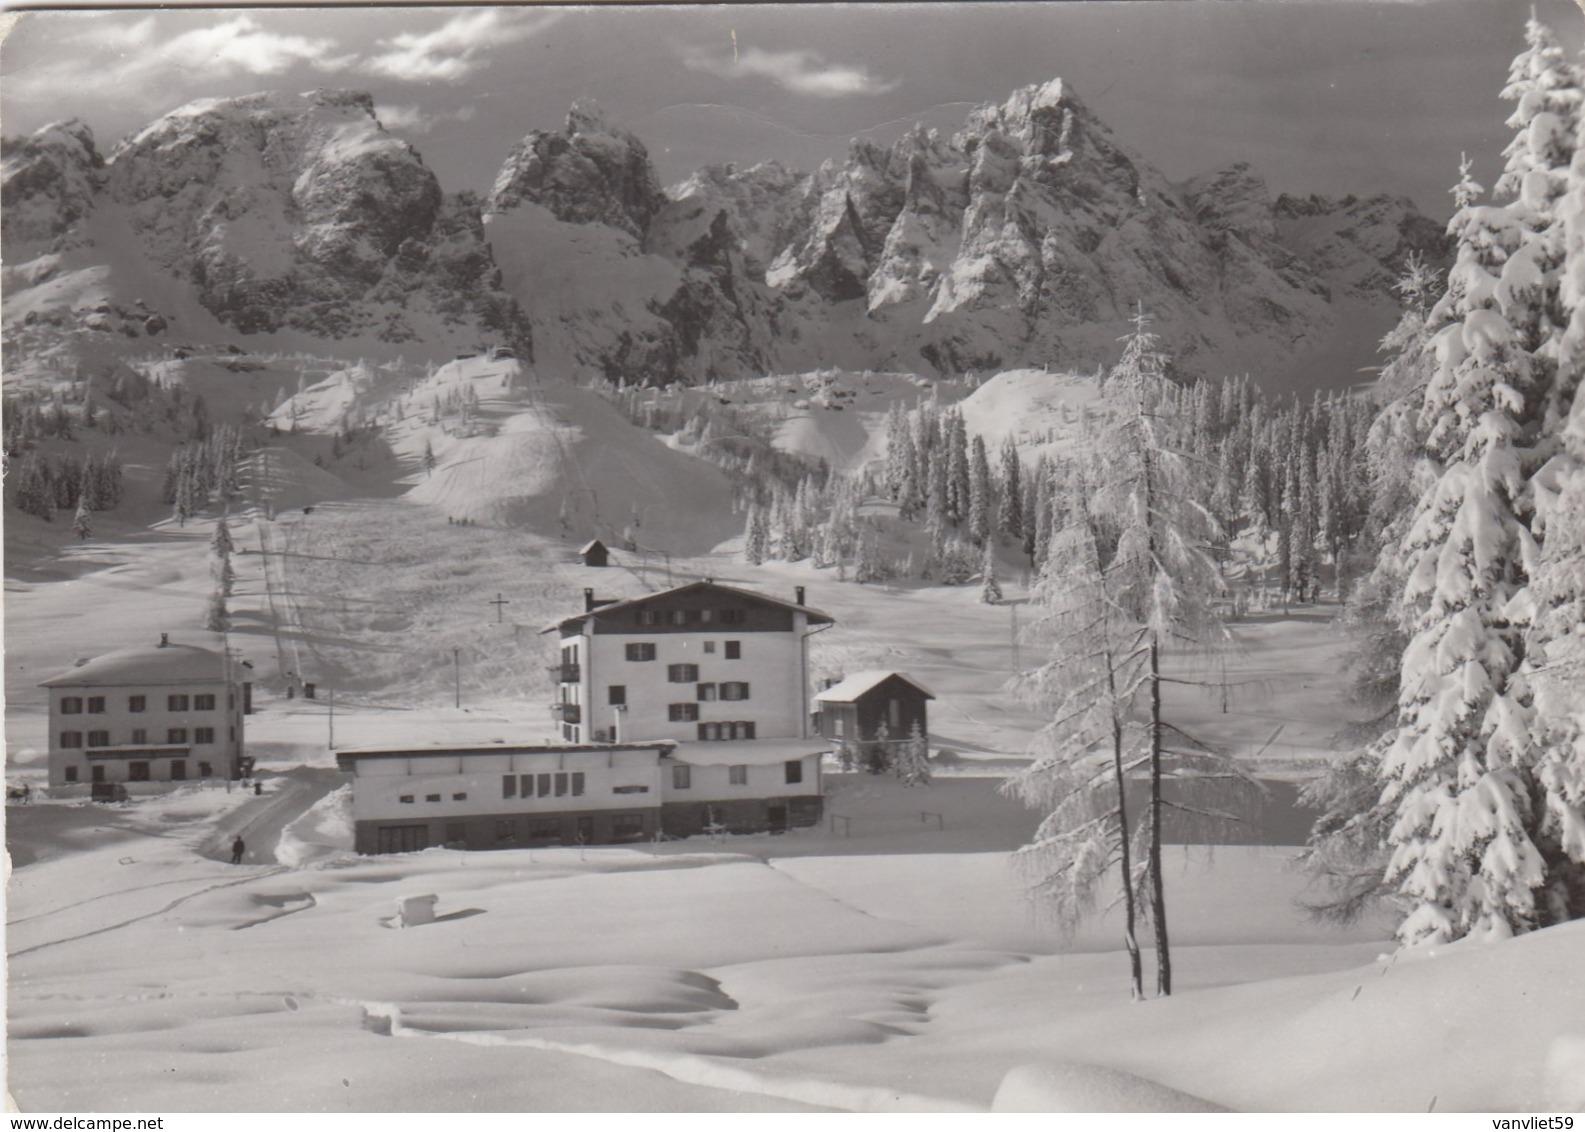 SEXTEN-SESTO-BOZEN-BOLZANO-ALBERGO PASSO MONTE CROCE-COMELICO-CARTOLINE VERA FOTOGRAFIA- VIAGGIATA - Bolzano (Bozen)